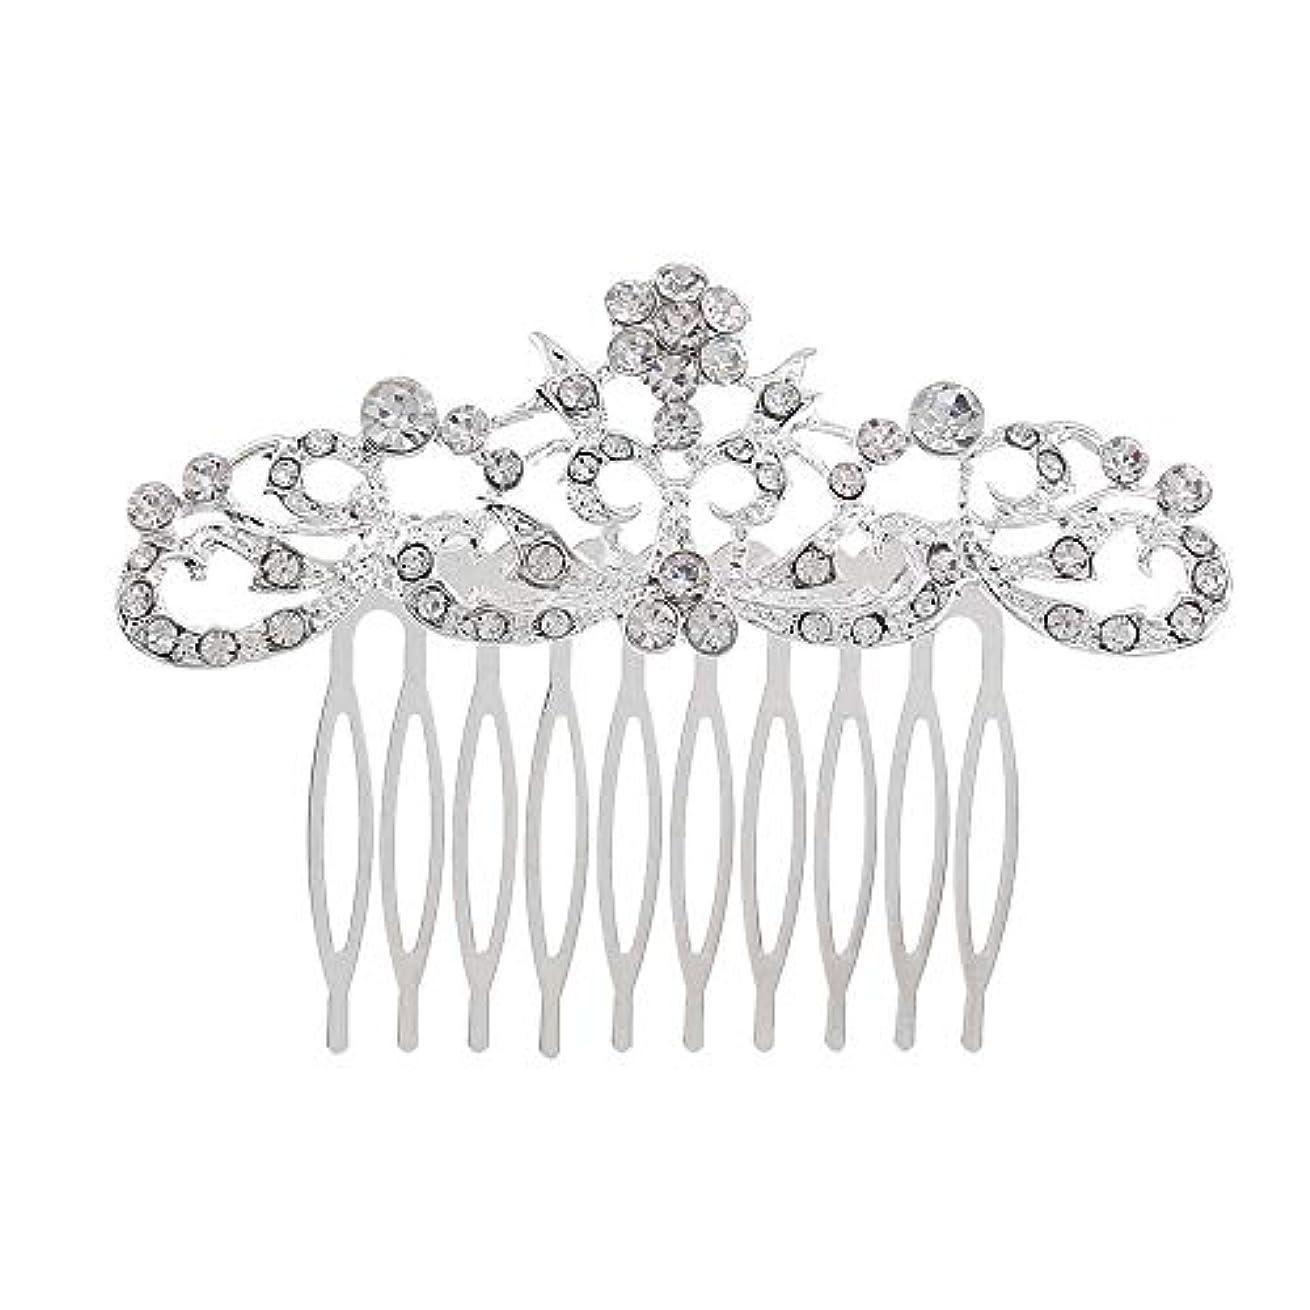 アサート補足甲虫髪の櫛の櫛の櫛の花嫁の髪の櫛のファッションラインストーンの櫛の櫛の花嫁の頭飾りの結婚式のアクセサリー